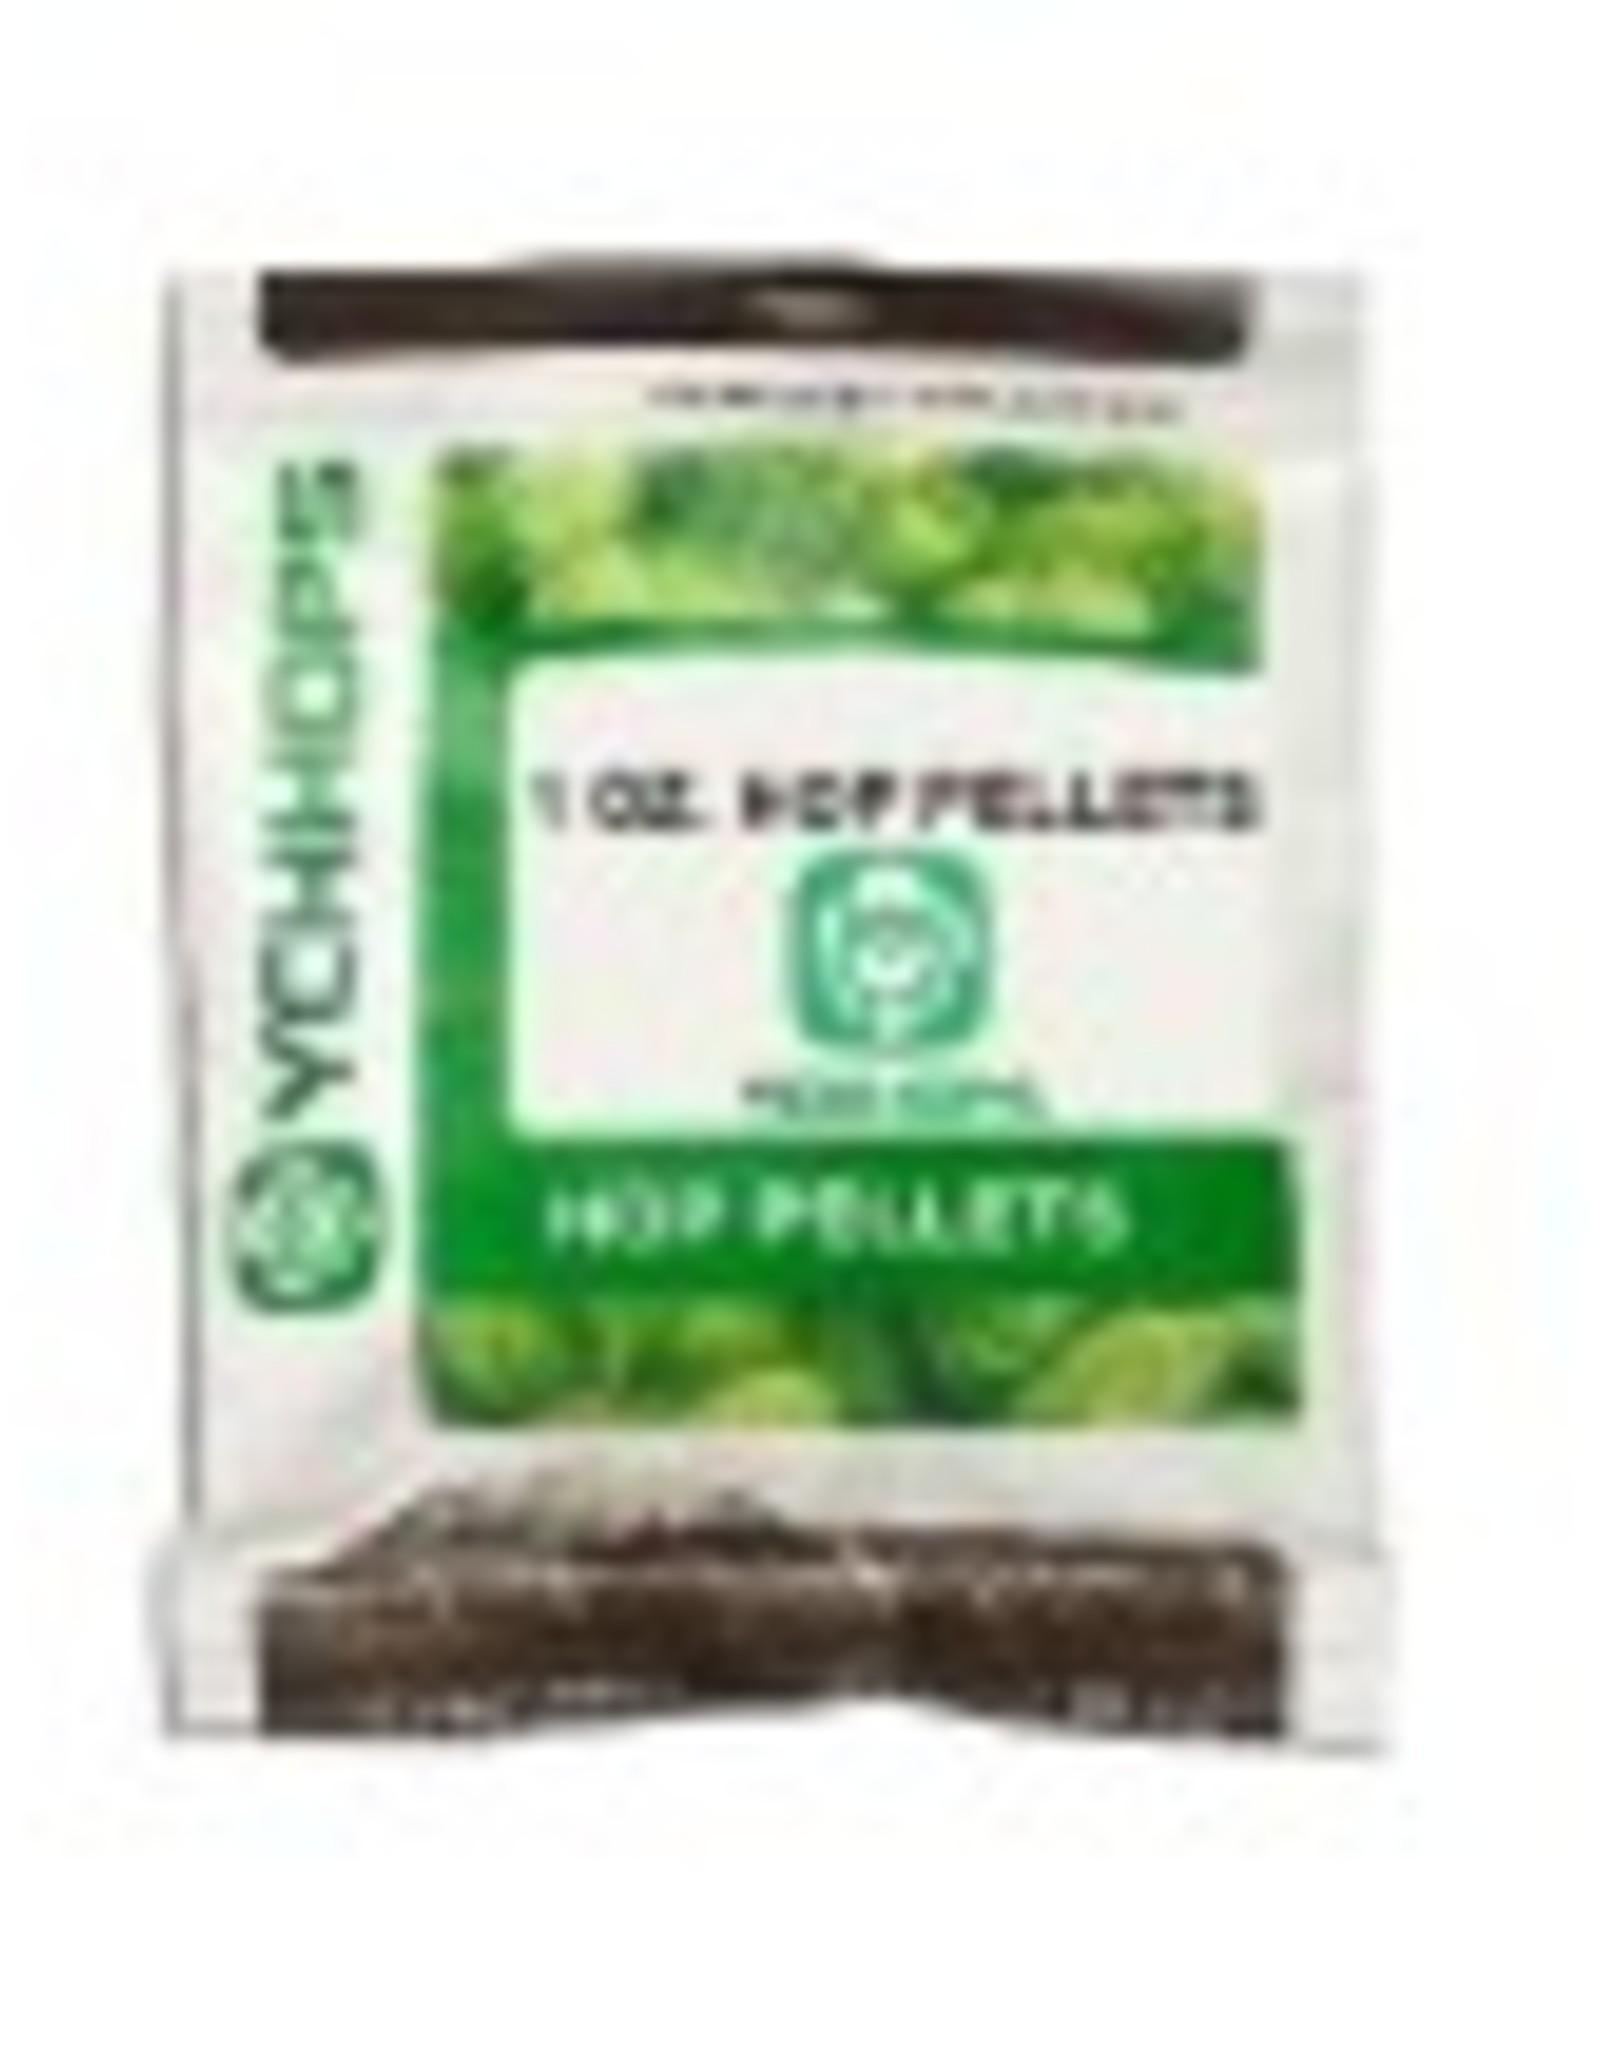 PALISADE Hop Pellets- 1 oz.